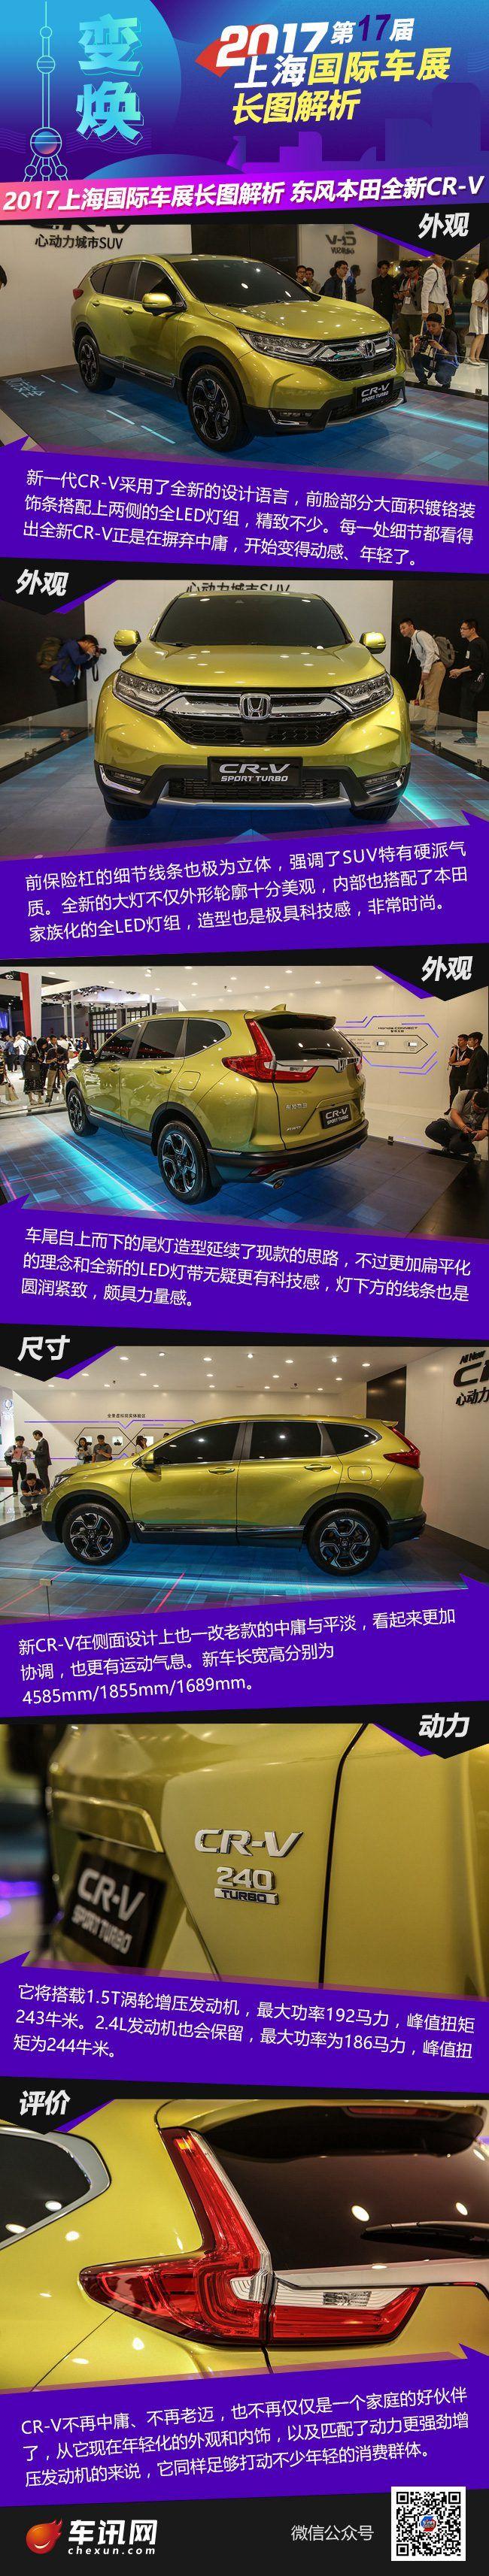 2017上海国际车展长图解析 本田全新CR-V